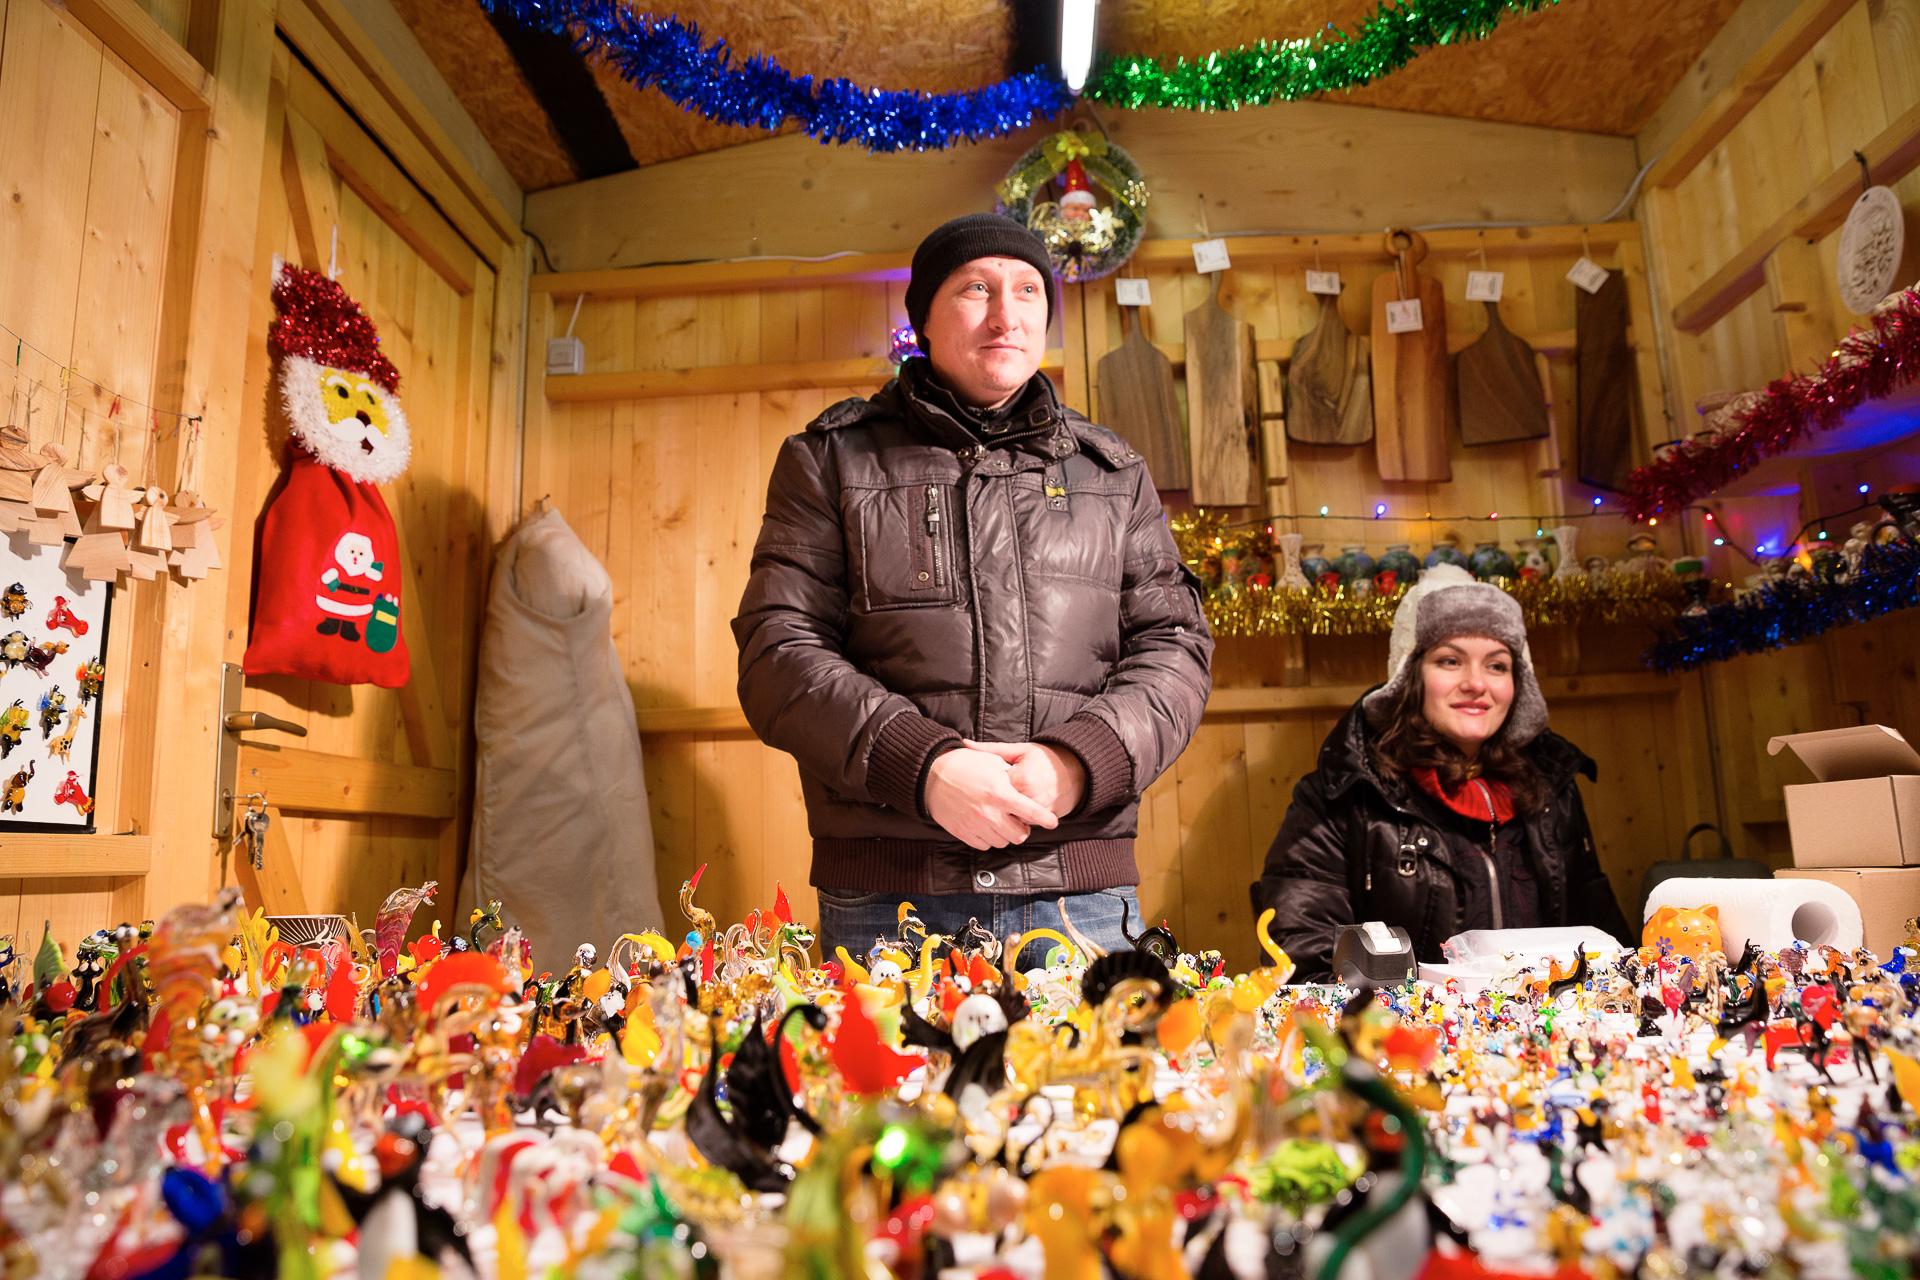 Lerne mit einem Perspektivenwechsel und einem Vordergrund, wie du deine Fotos am Weihnachtsmarkt noch spannender gestaltest.